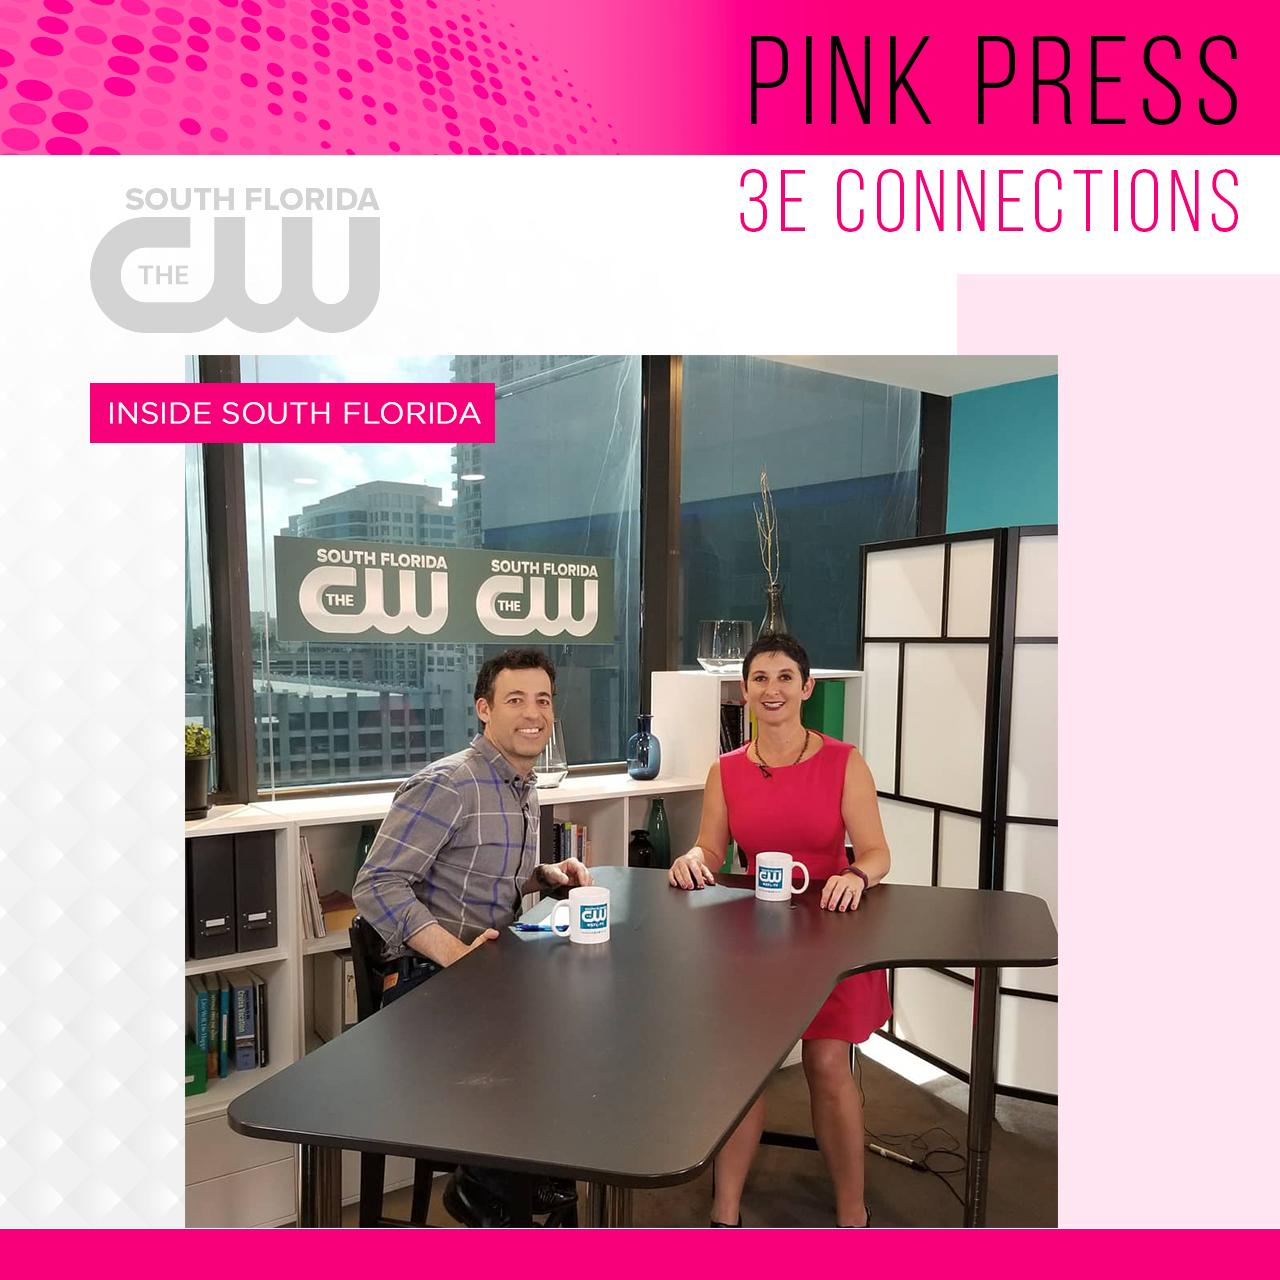 PinkPress_InsideSF.png